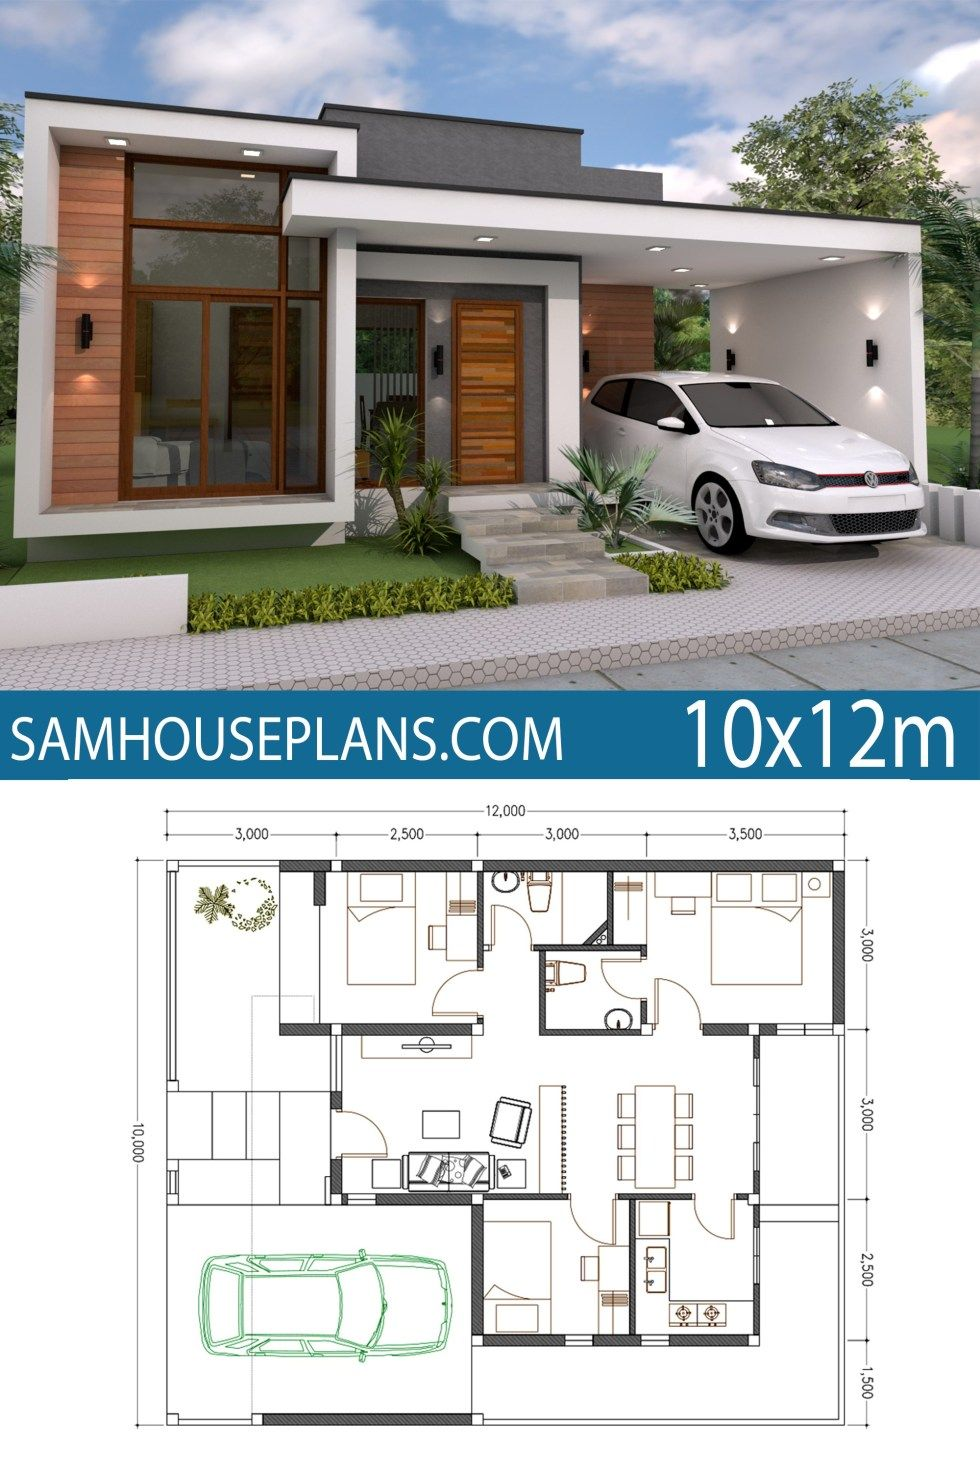 Home Plan 10x12m 3 Bedrooms Sam House Plans Bungalow House Plans House Construction Plan Simple House Design